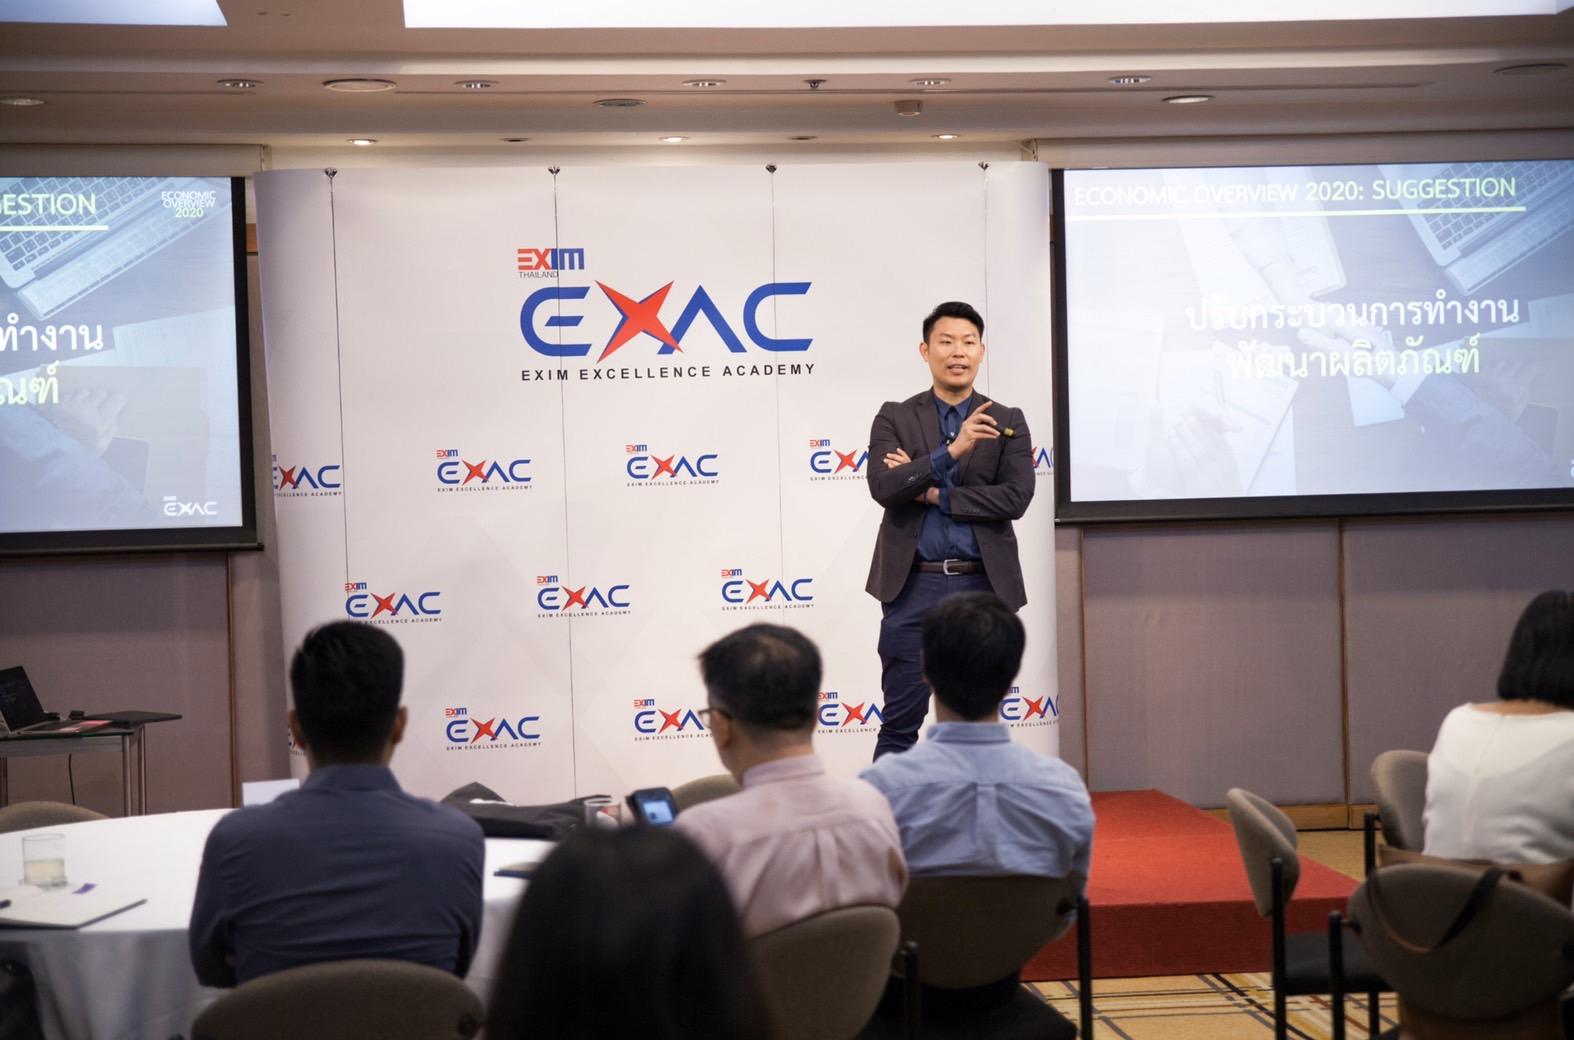 เปิดแนวคิดผู้ดีไซน์หลักสูตร บ่มเพาะผู้ประกอบการ  EXAC